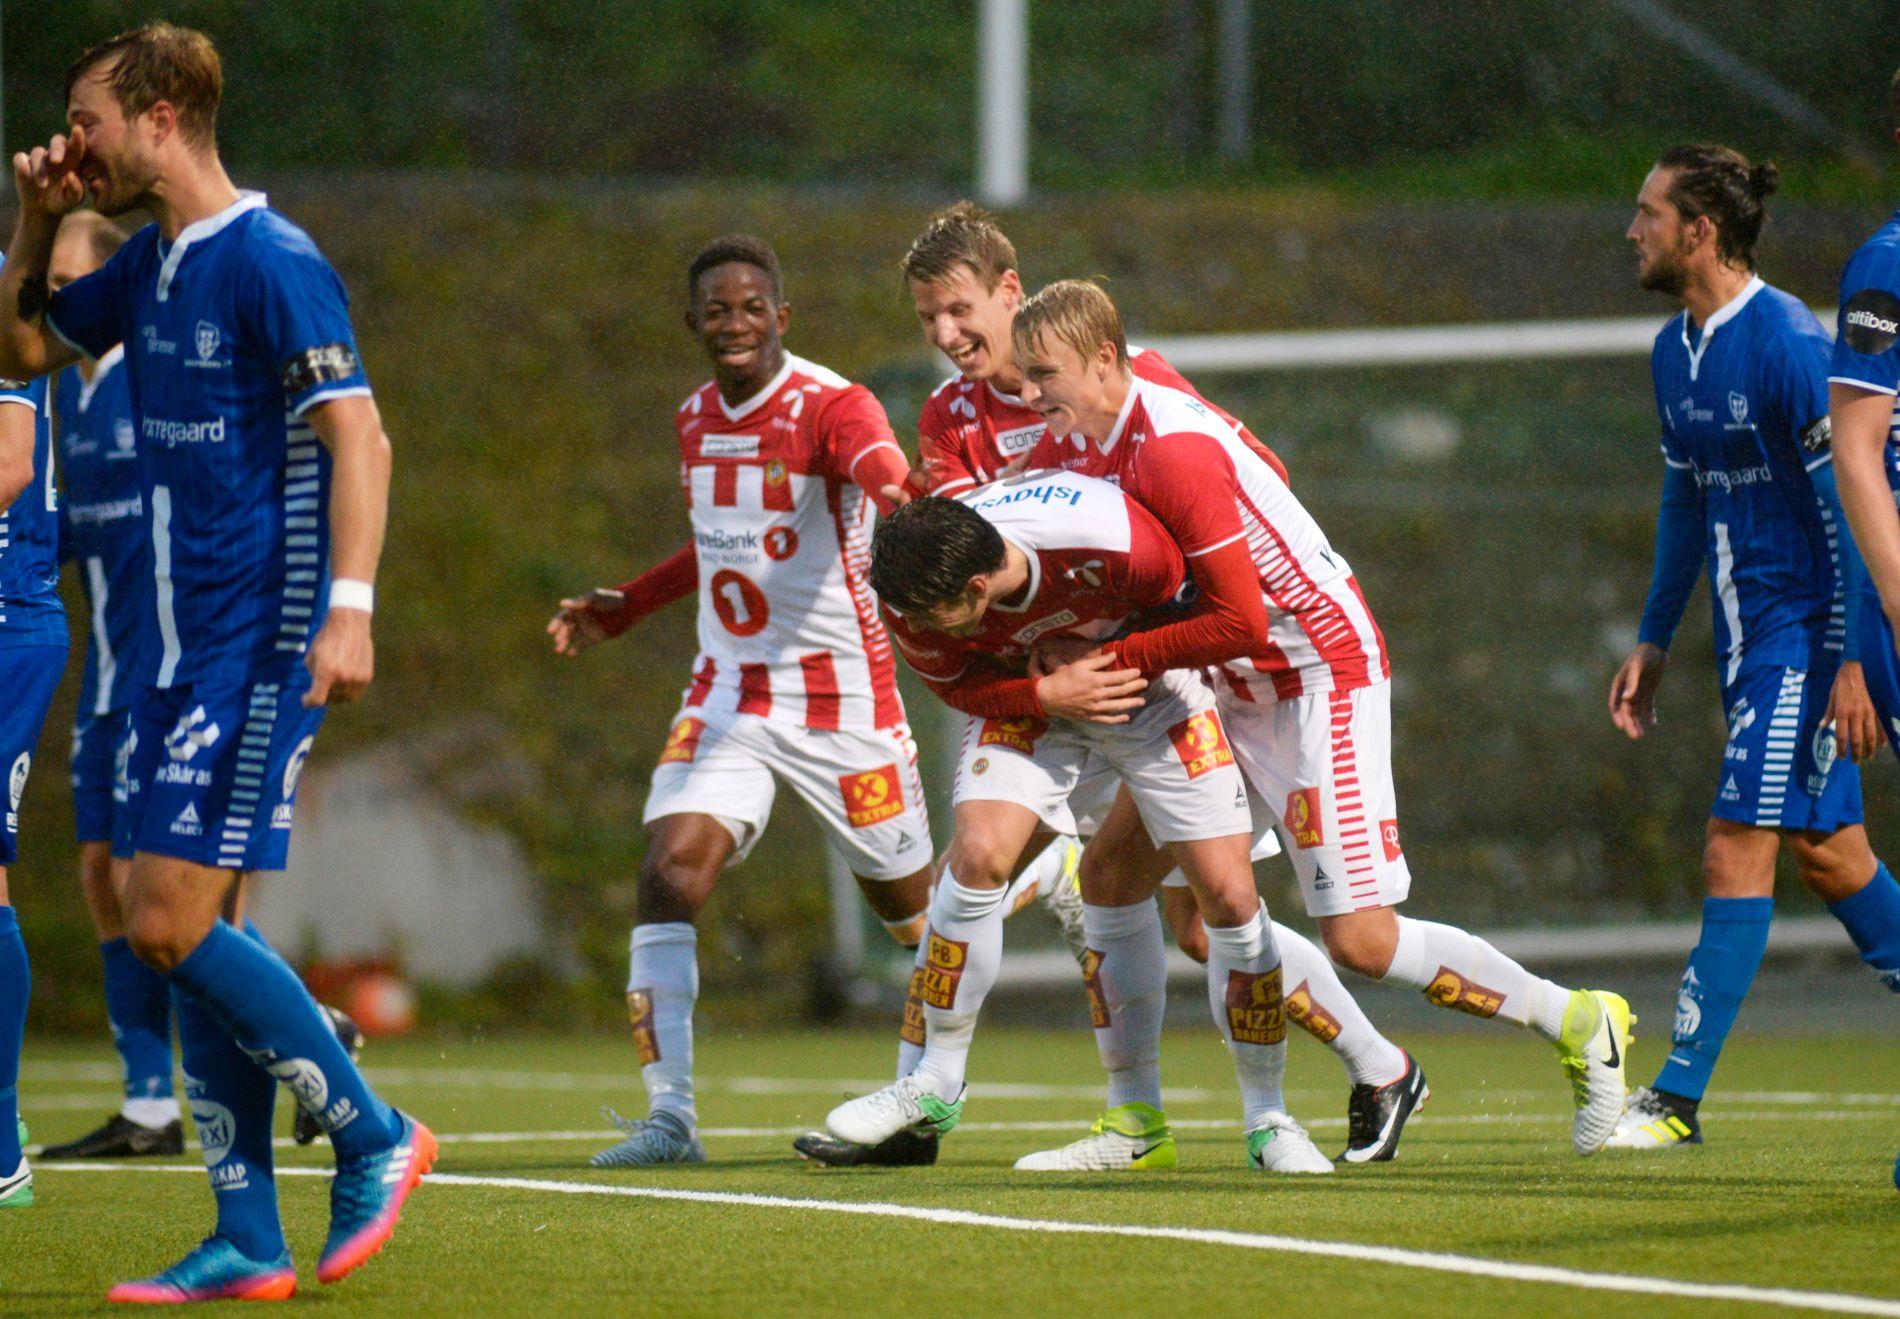 REAL BANK: Tromsø-kaptein Simen Wangberg (i midten) stanget inn to mål for et lag i alvorlig poengnød, da Sarpsborg mistet andreplassen i serien.